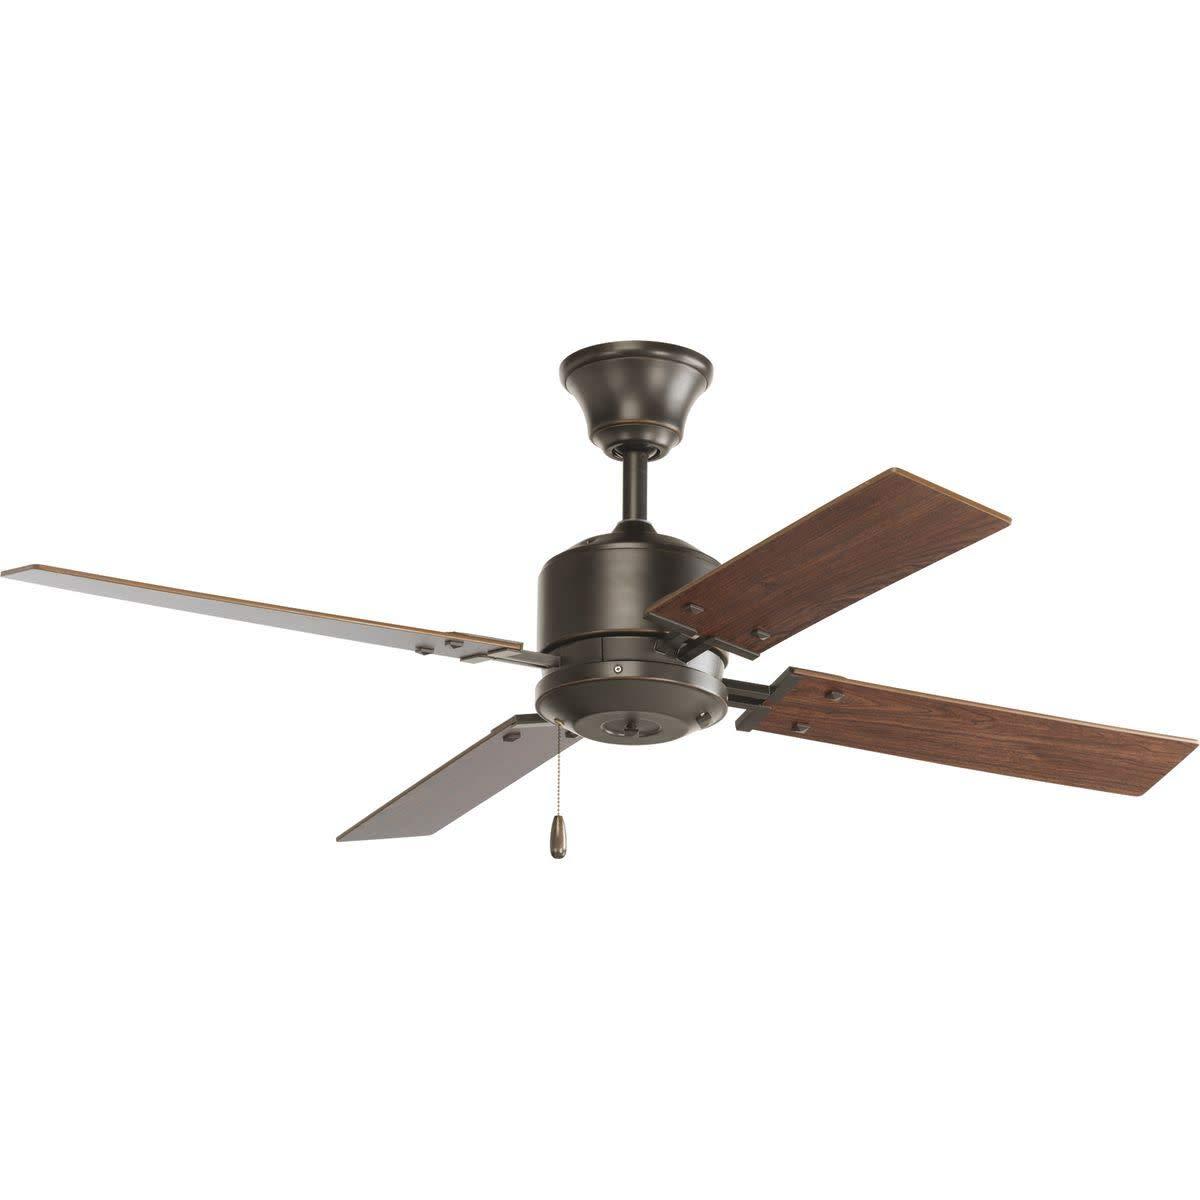 Progress Lighting P2531-20 52-Inch 4-Blade Ceiling Fan